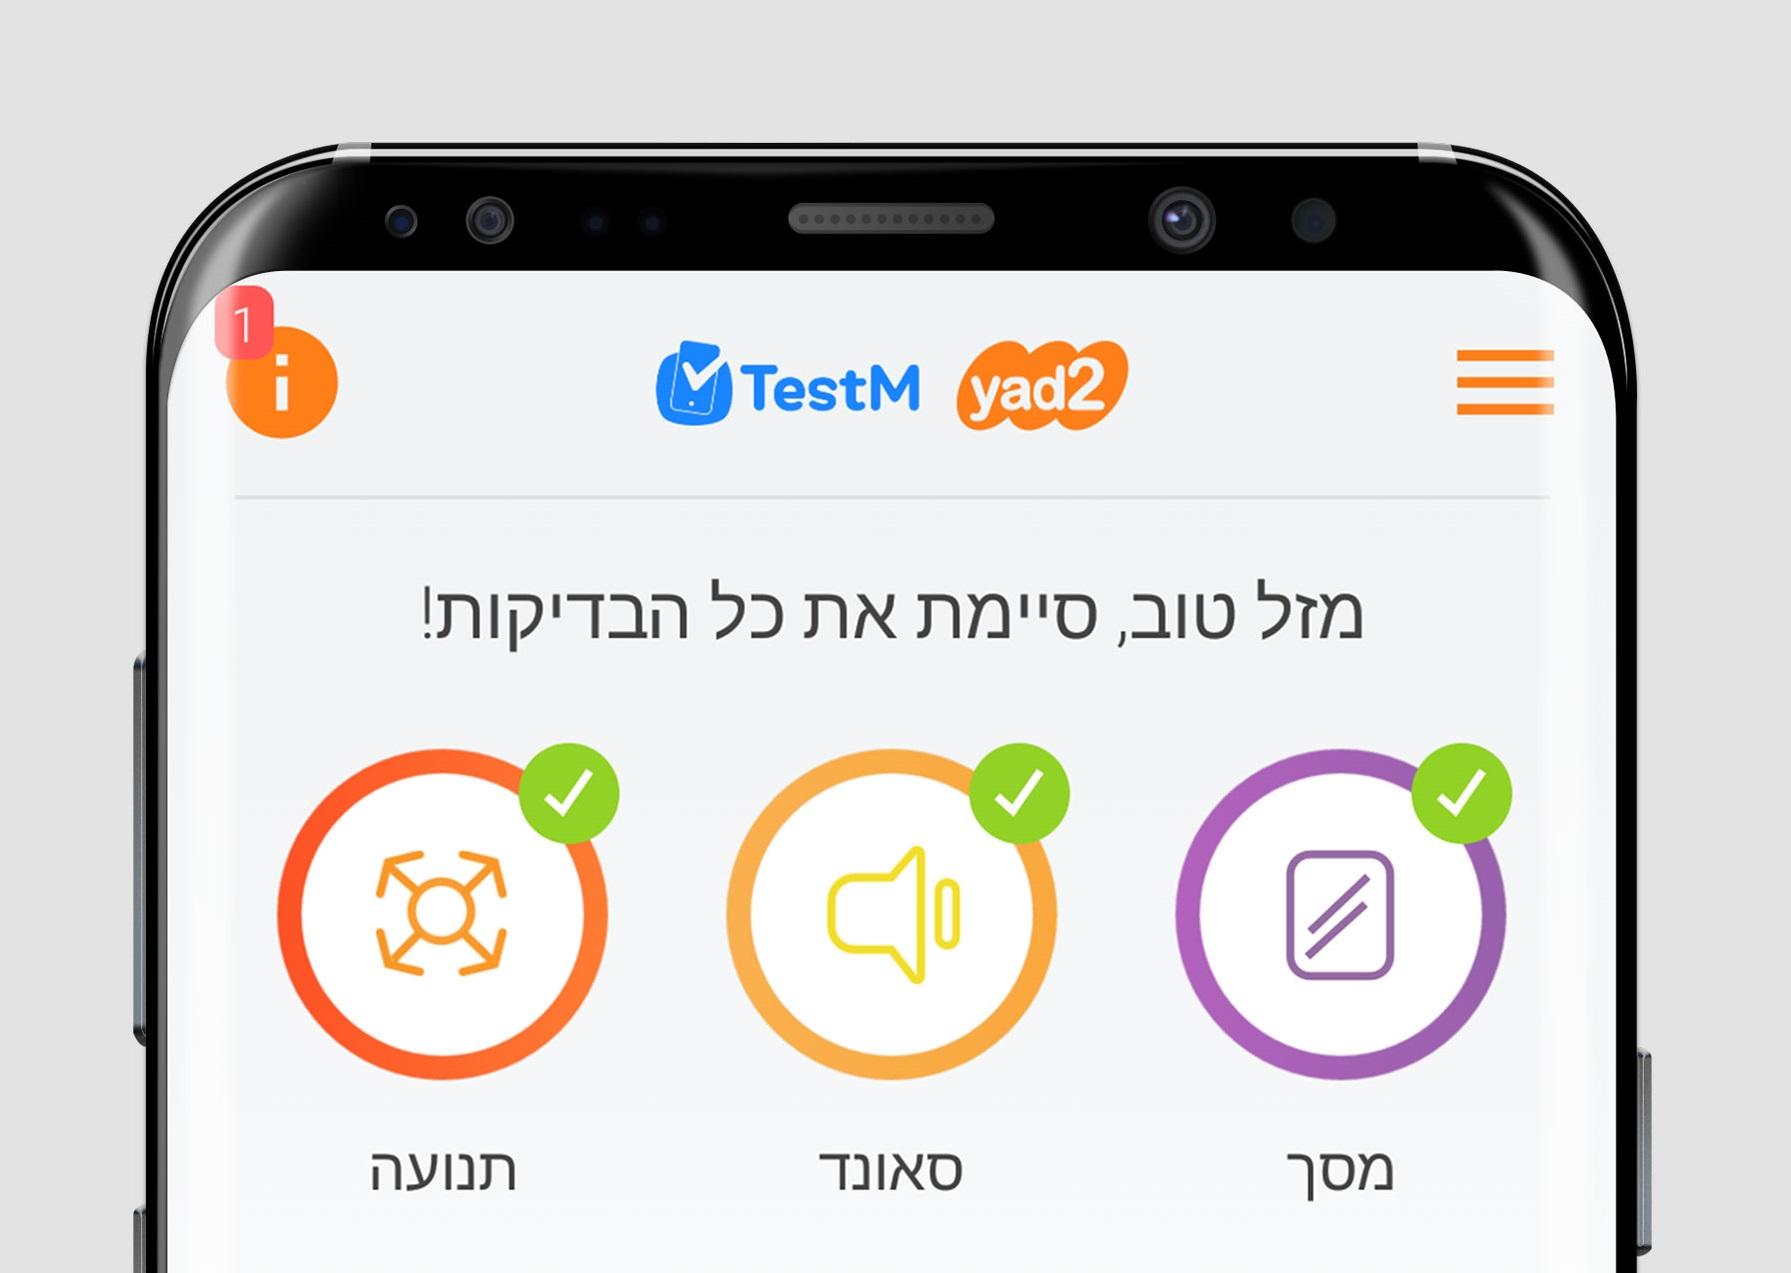 בלתי רגיל קונים טלפון משומש? האפליקציה החדשה של יד2 תעביר אותו 'טסט' לפני VY-73